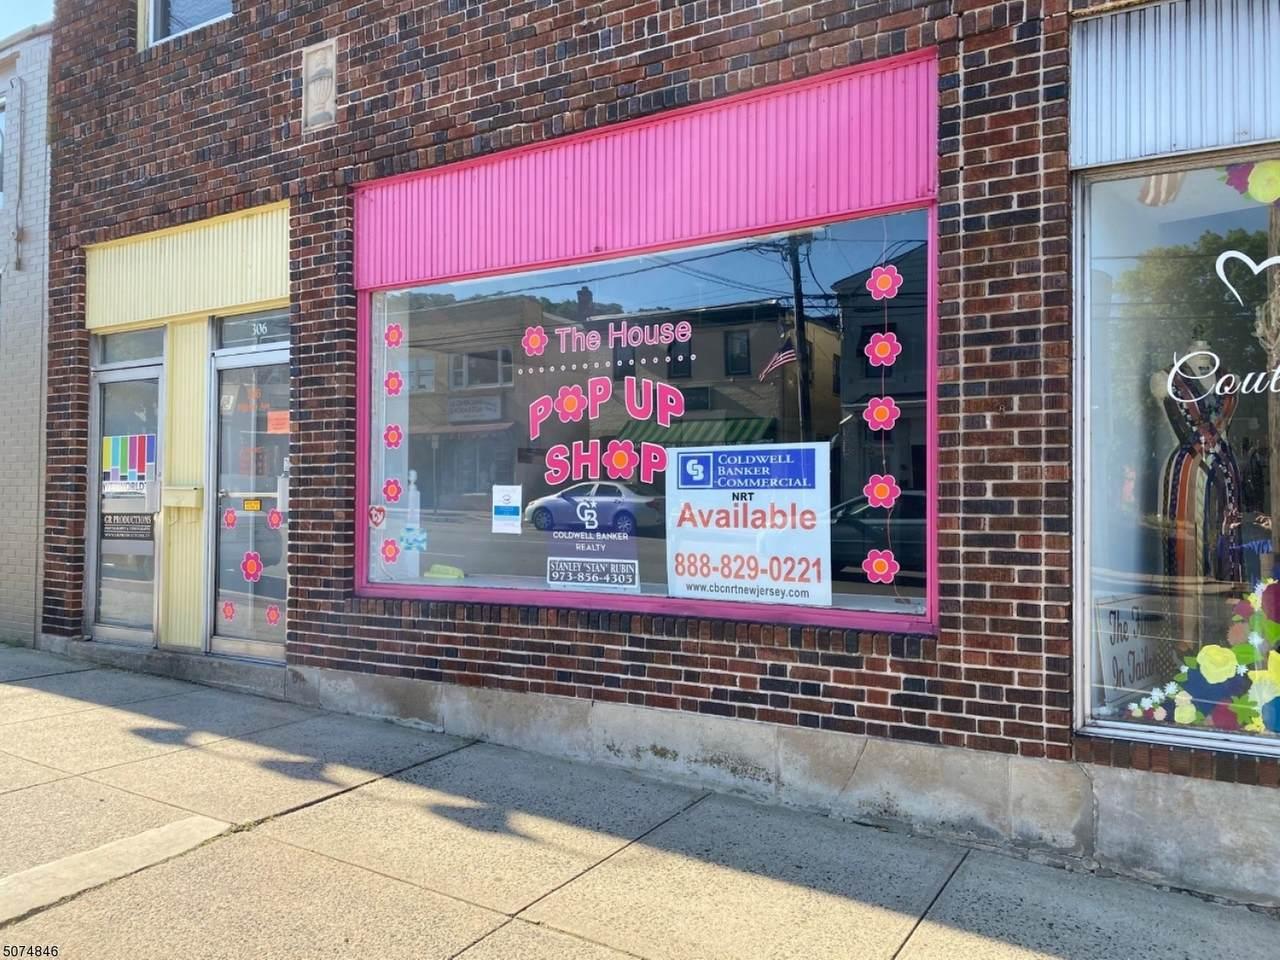 306 Millburn Ave - Photo 1